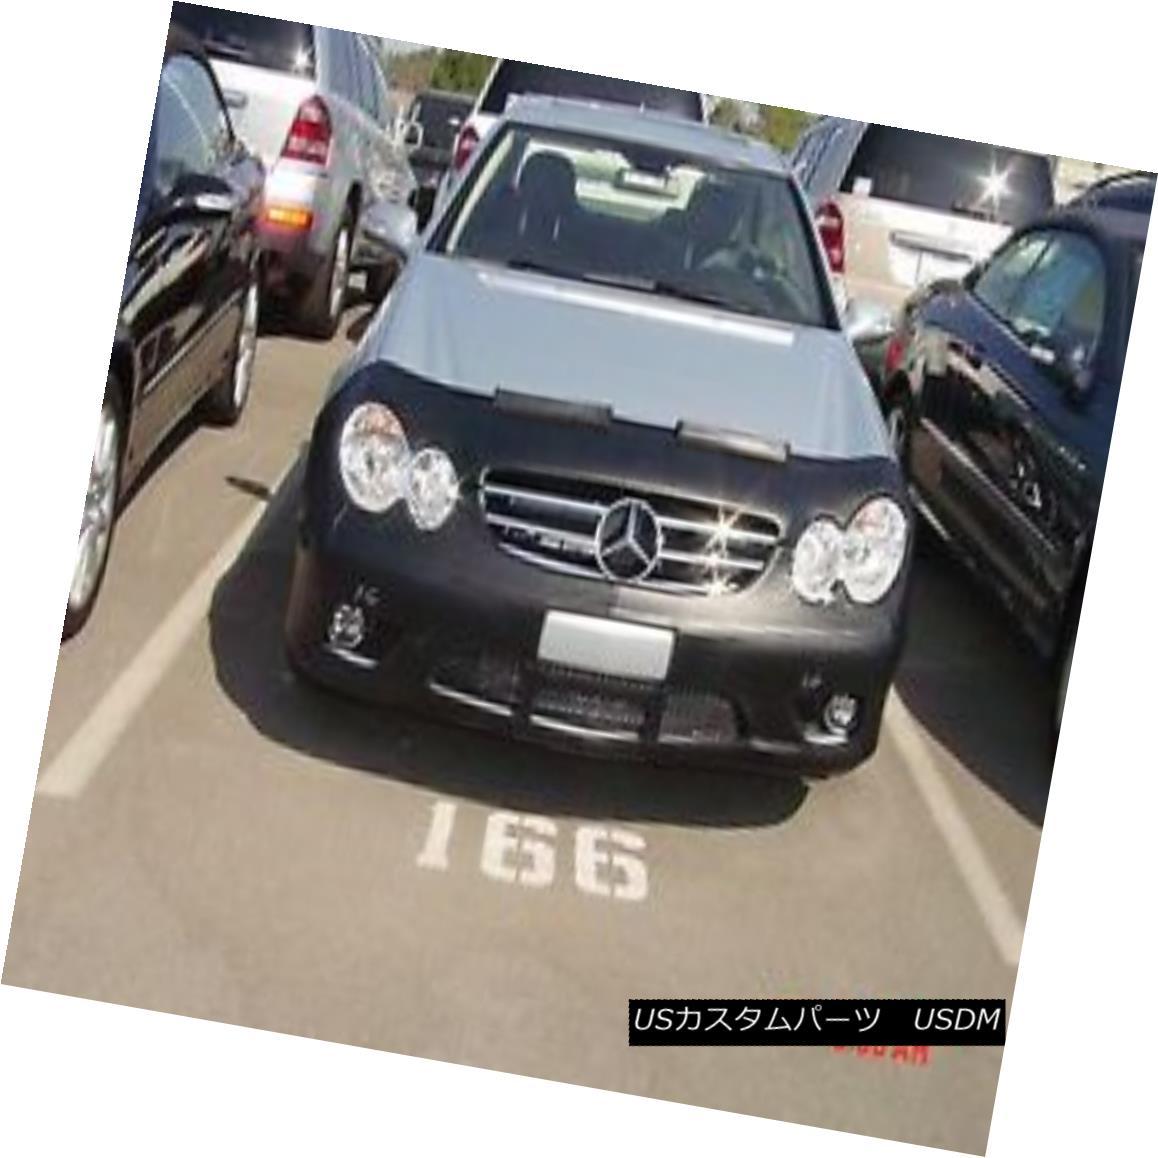 フルブラ ノーズブラ Colgan Front End Mask Bra 2pc. Fits Mercedes-Benz CLK55 2003-2005 W/O Lic. plate コルガンフロントエンドマスクブラ2pc Mercedes-Benz CLK55 2003-2005 W / O Licに適合します。 プレート